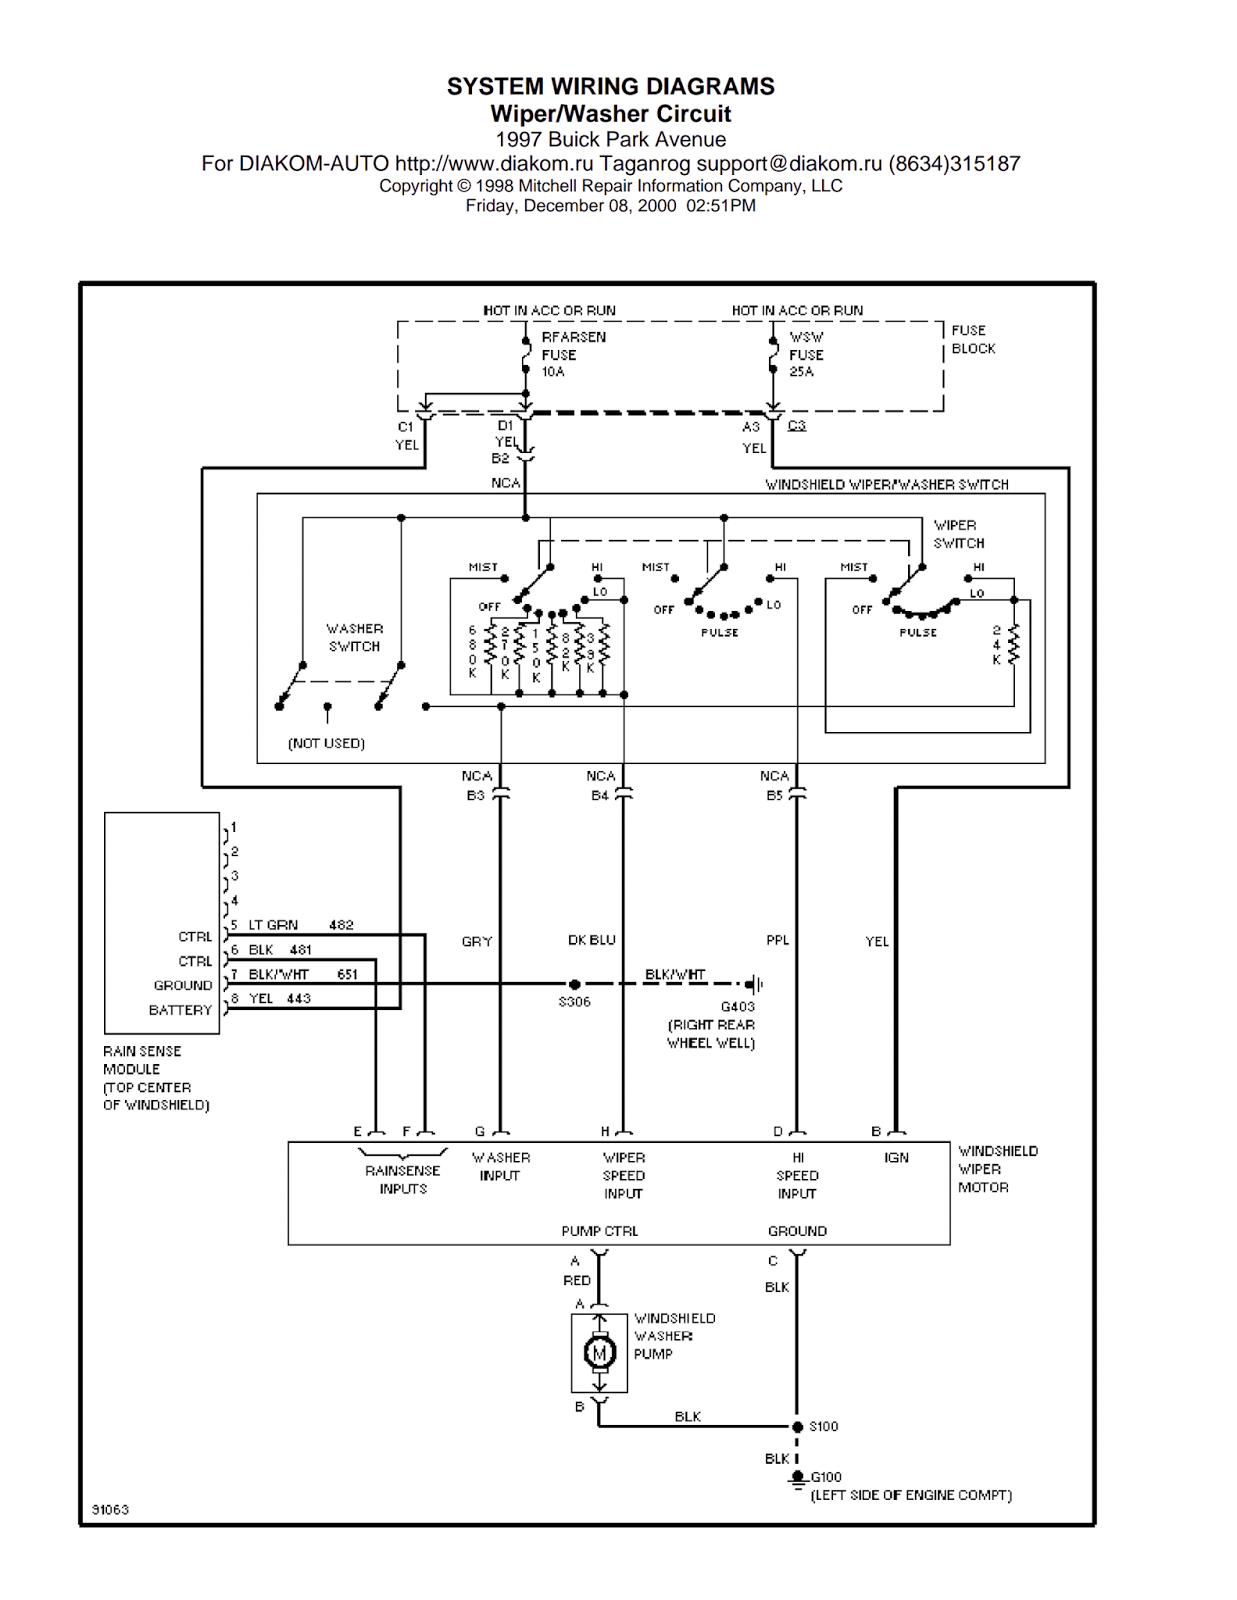 bmw z4 wiring diagram wipers